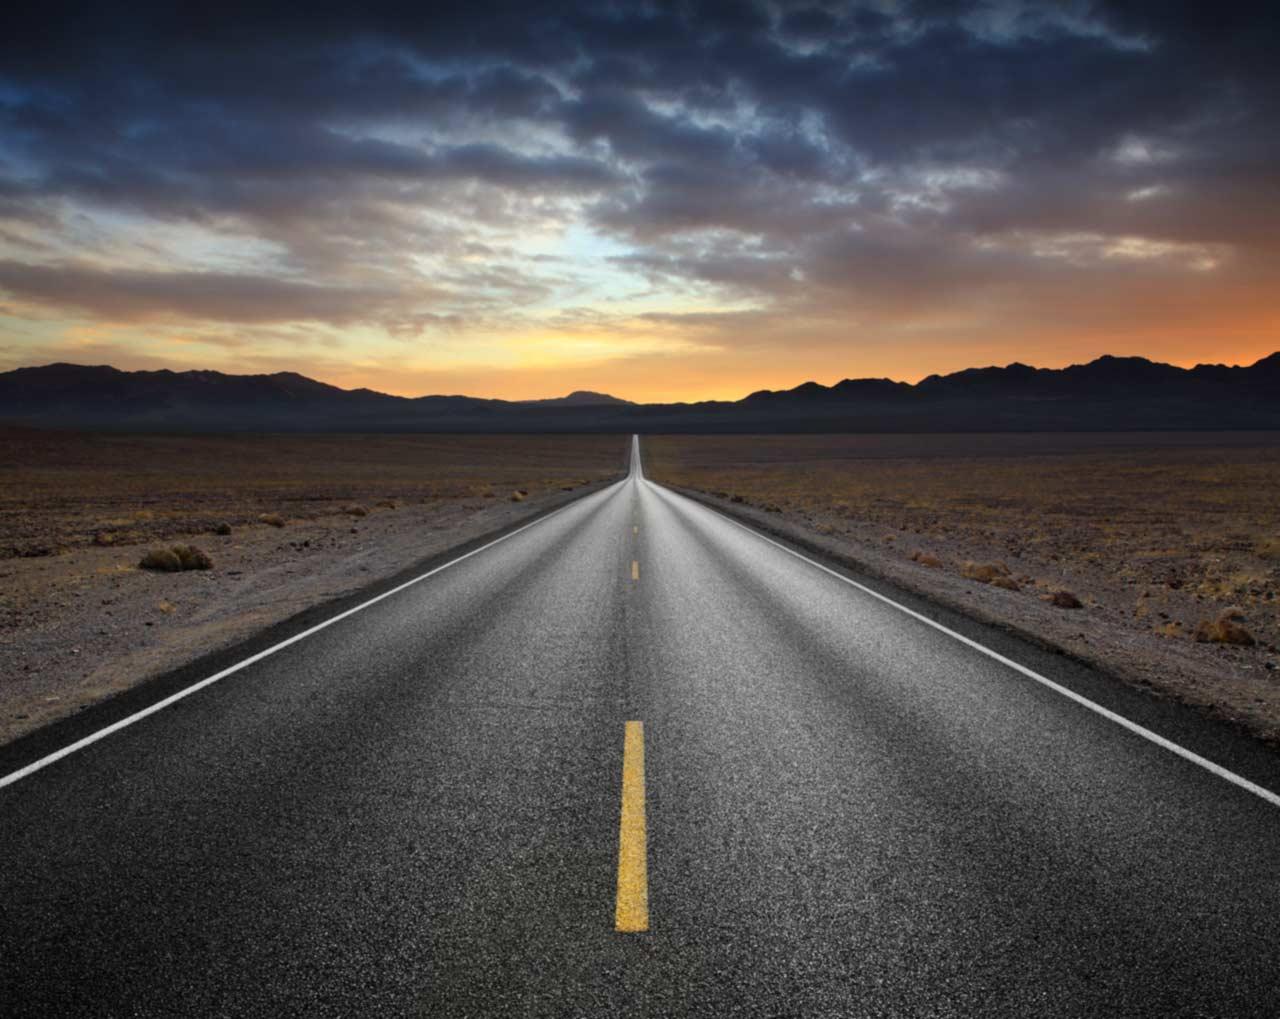 Care e drumul tau?